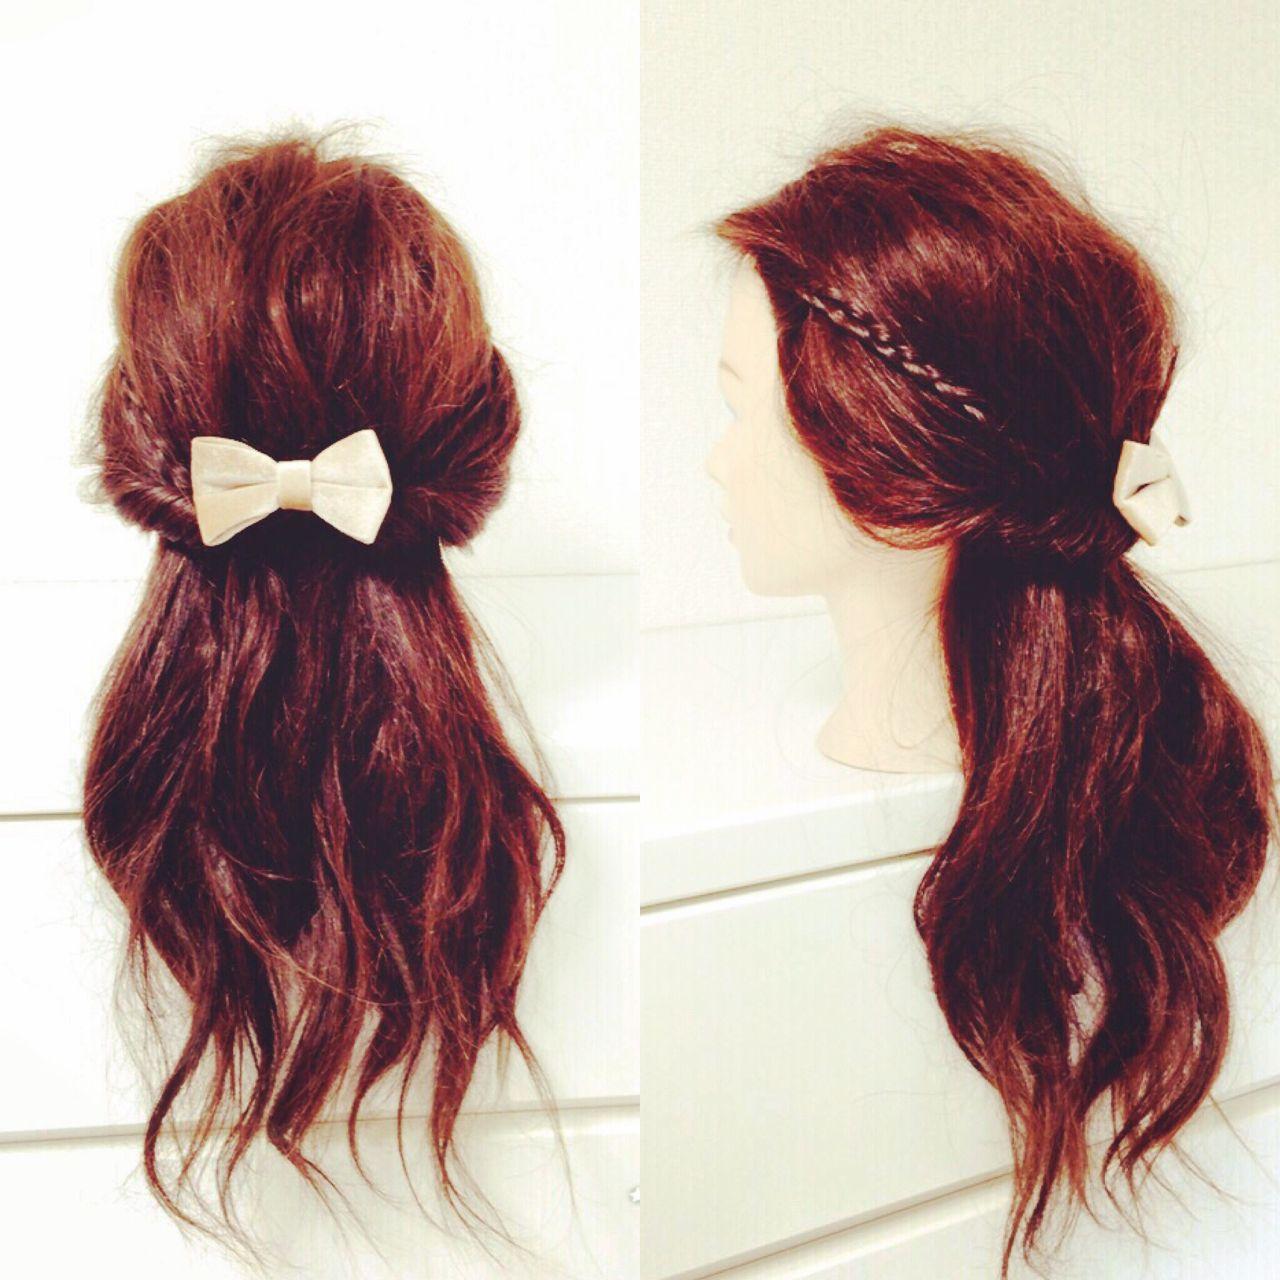 ヘアアレンジ 三つ編み 簡単ヘアアレンジ ショートヘアスタイルや髪型の写真・画像